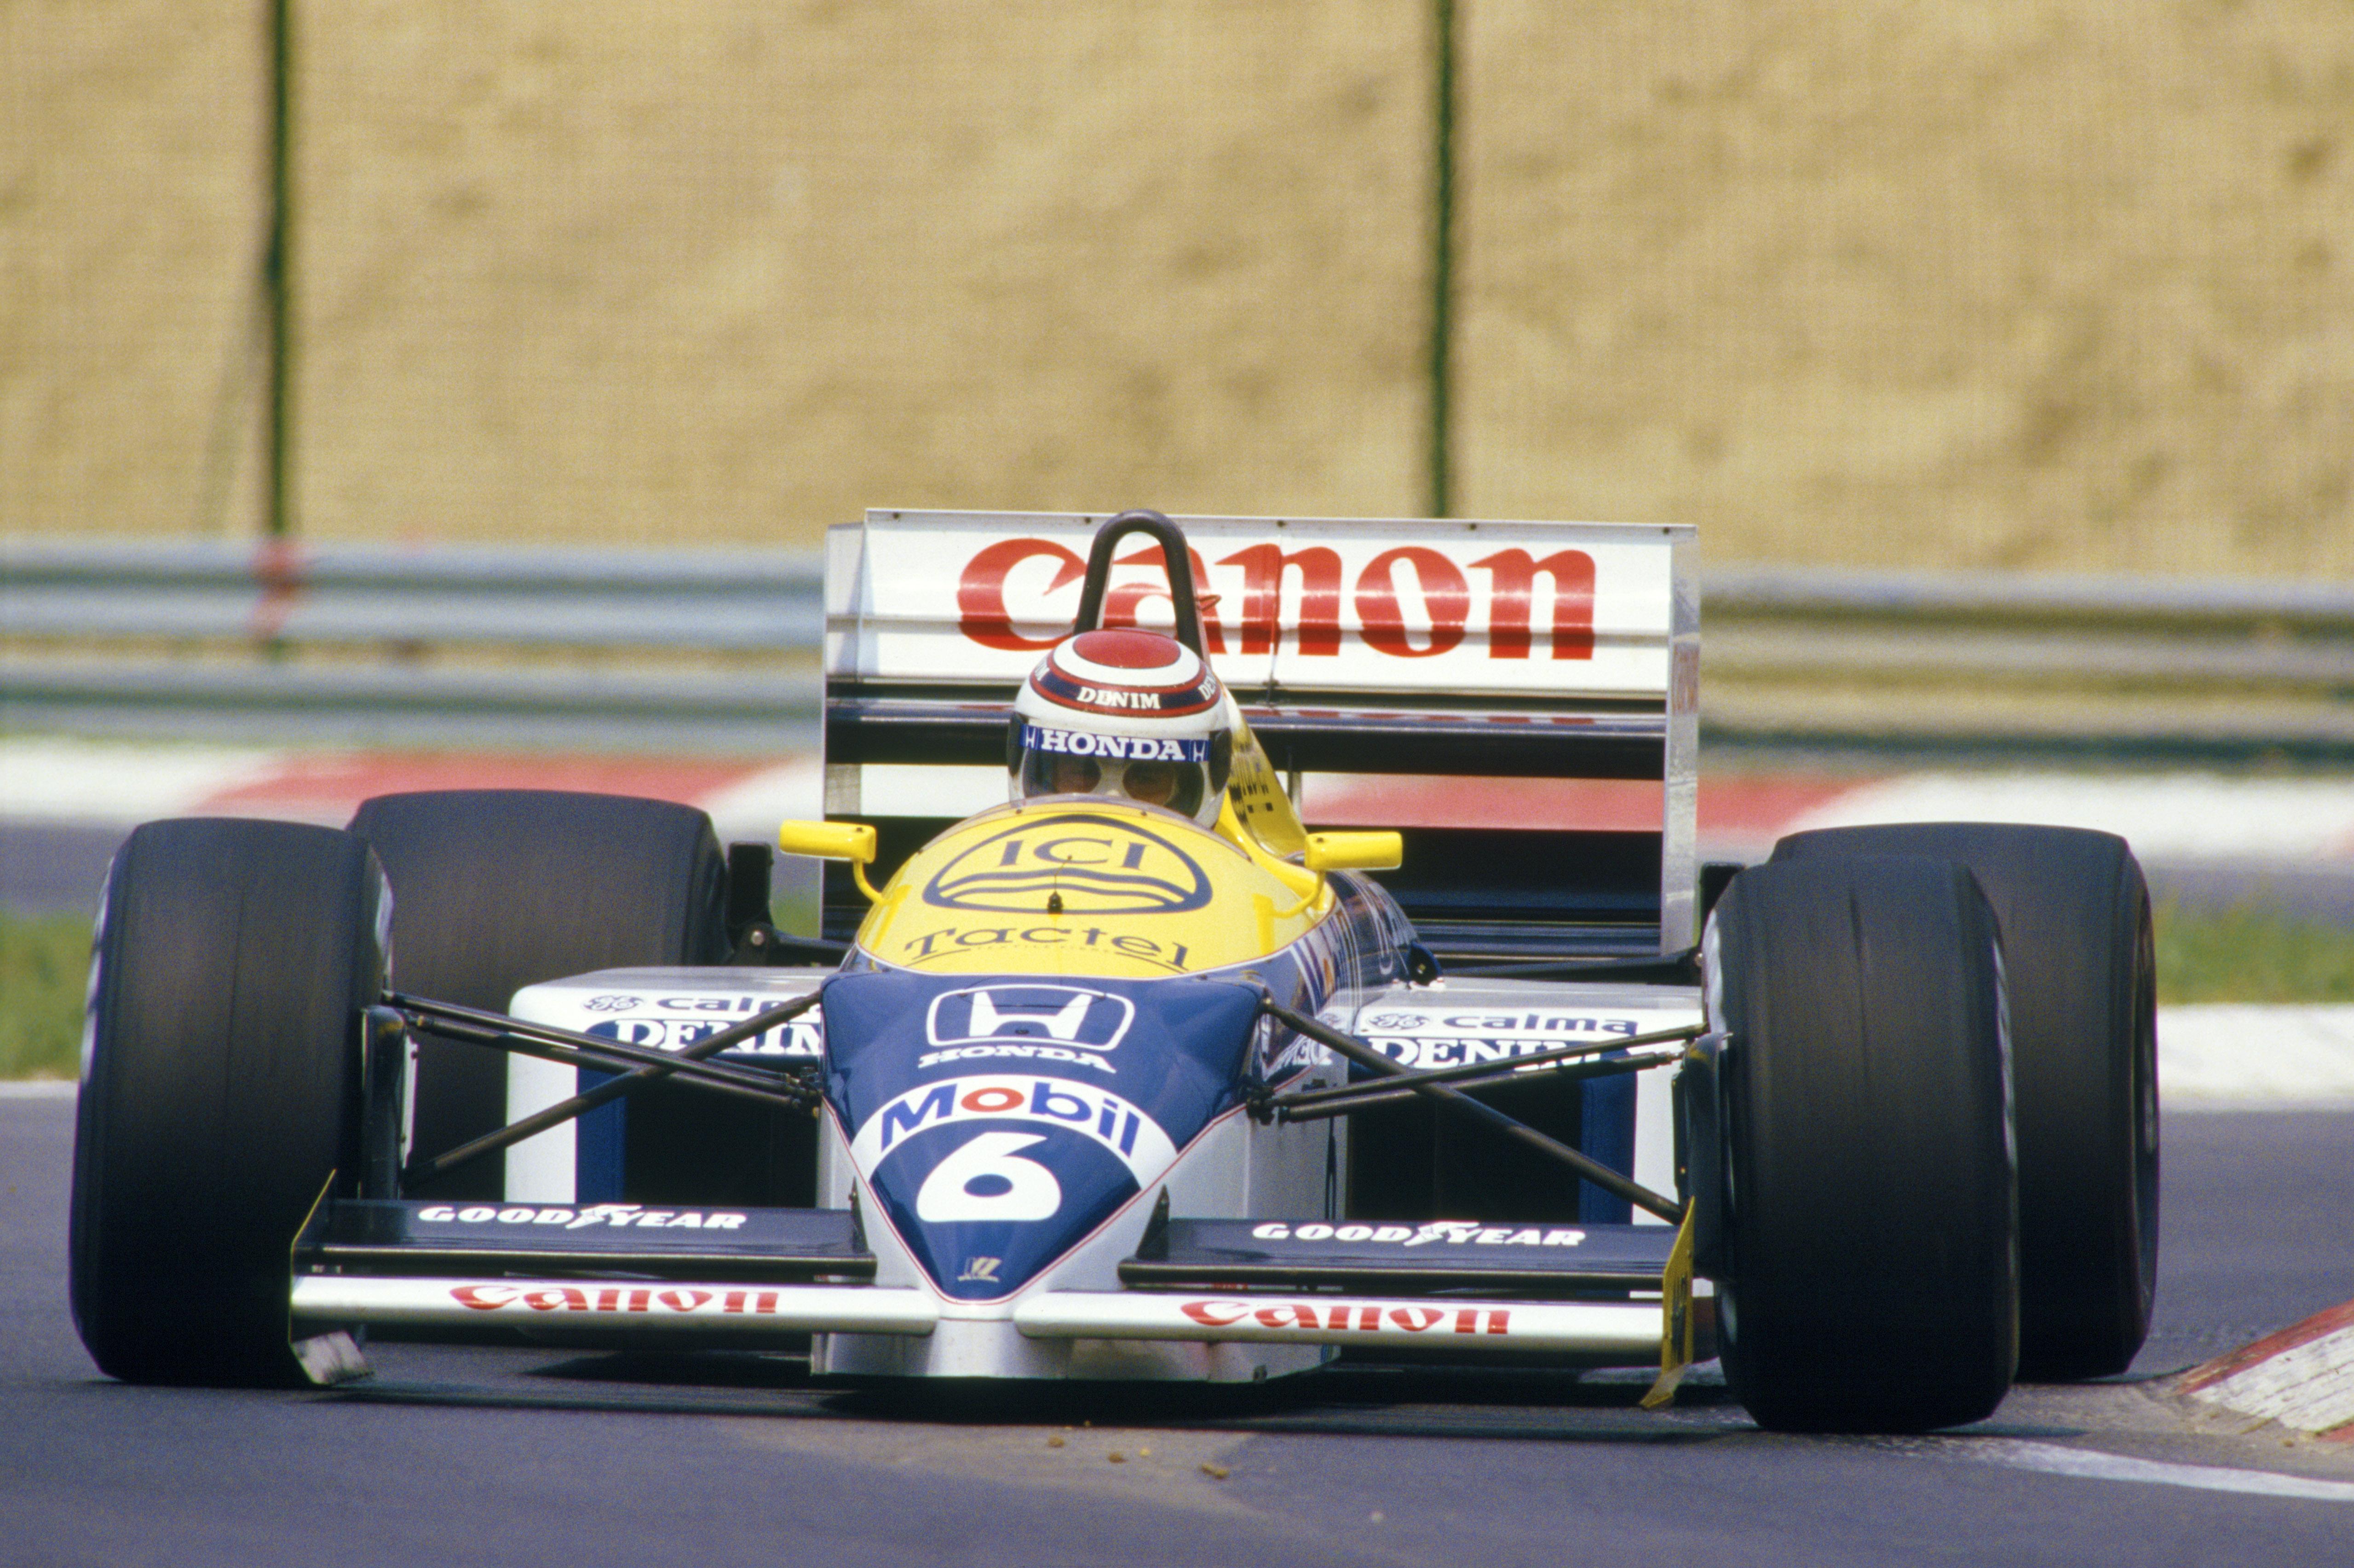 Nelson var strålende i 1986, og ville blitt verdensmester, hadde det ikke vært for at Goodyear fikk kalde føtter i avslutningsløpet. Foto: Williams